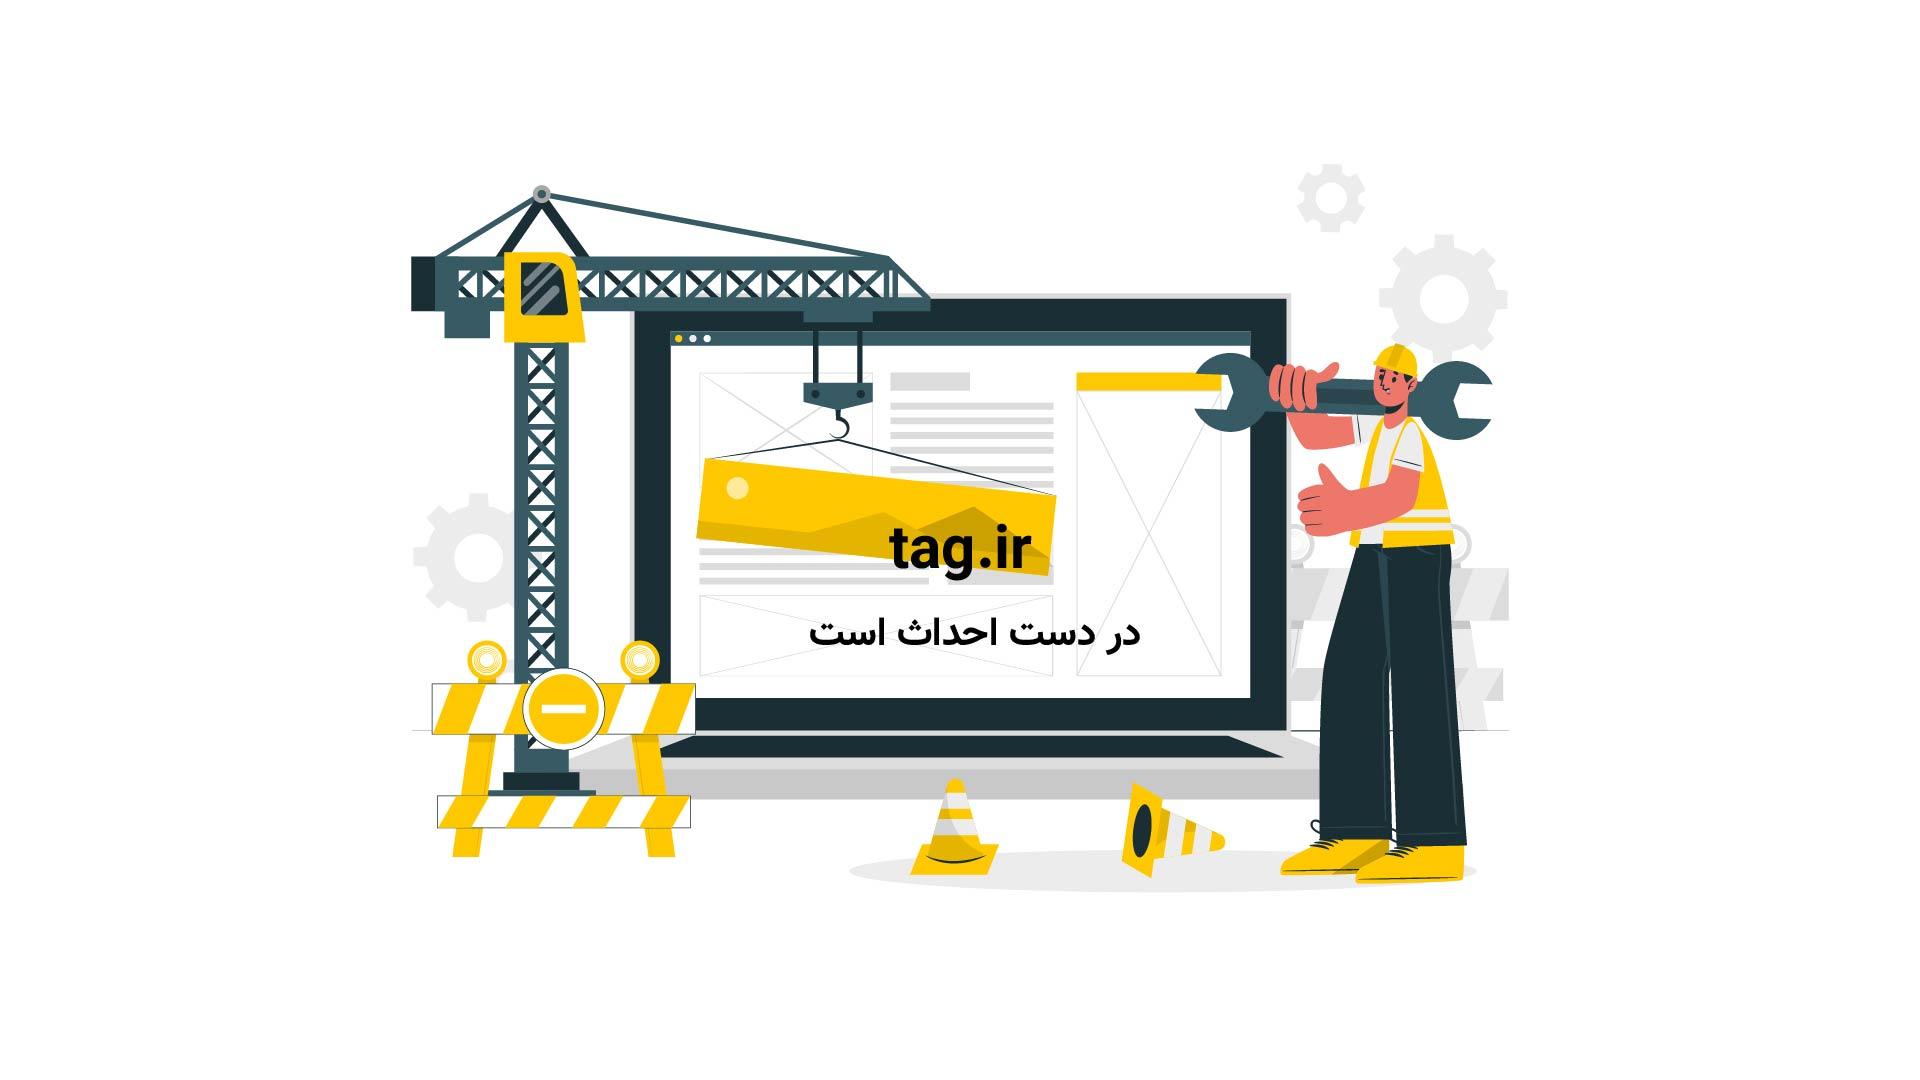 میمون تایلند | تگ